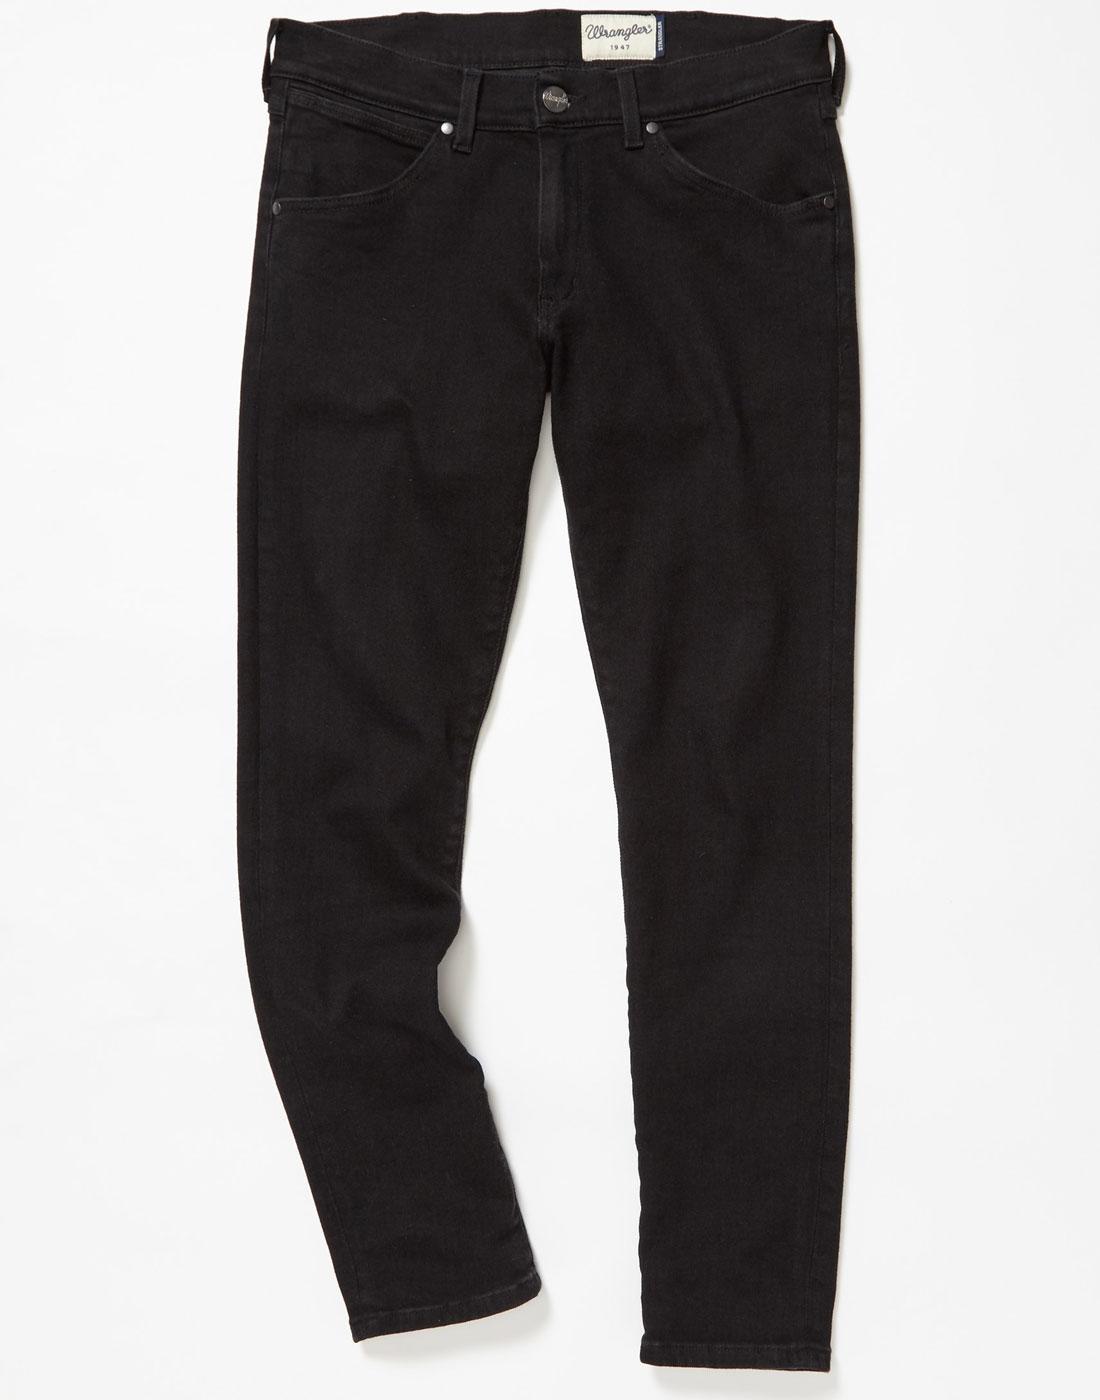 Strangler WRANGLER Mod Super Skinny Jeans BLACK